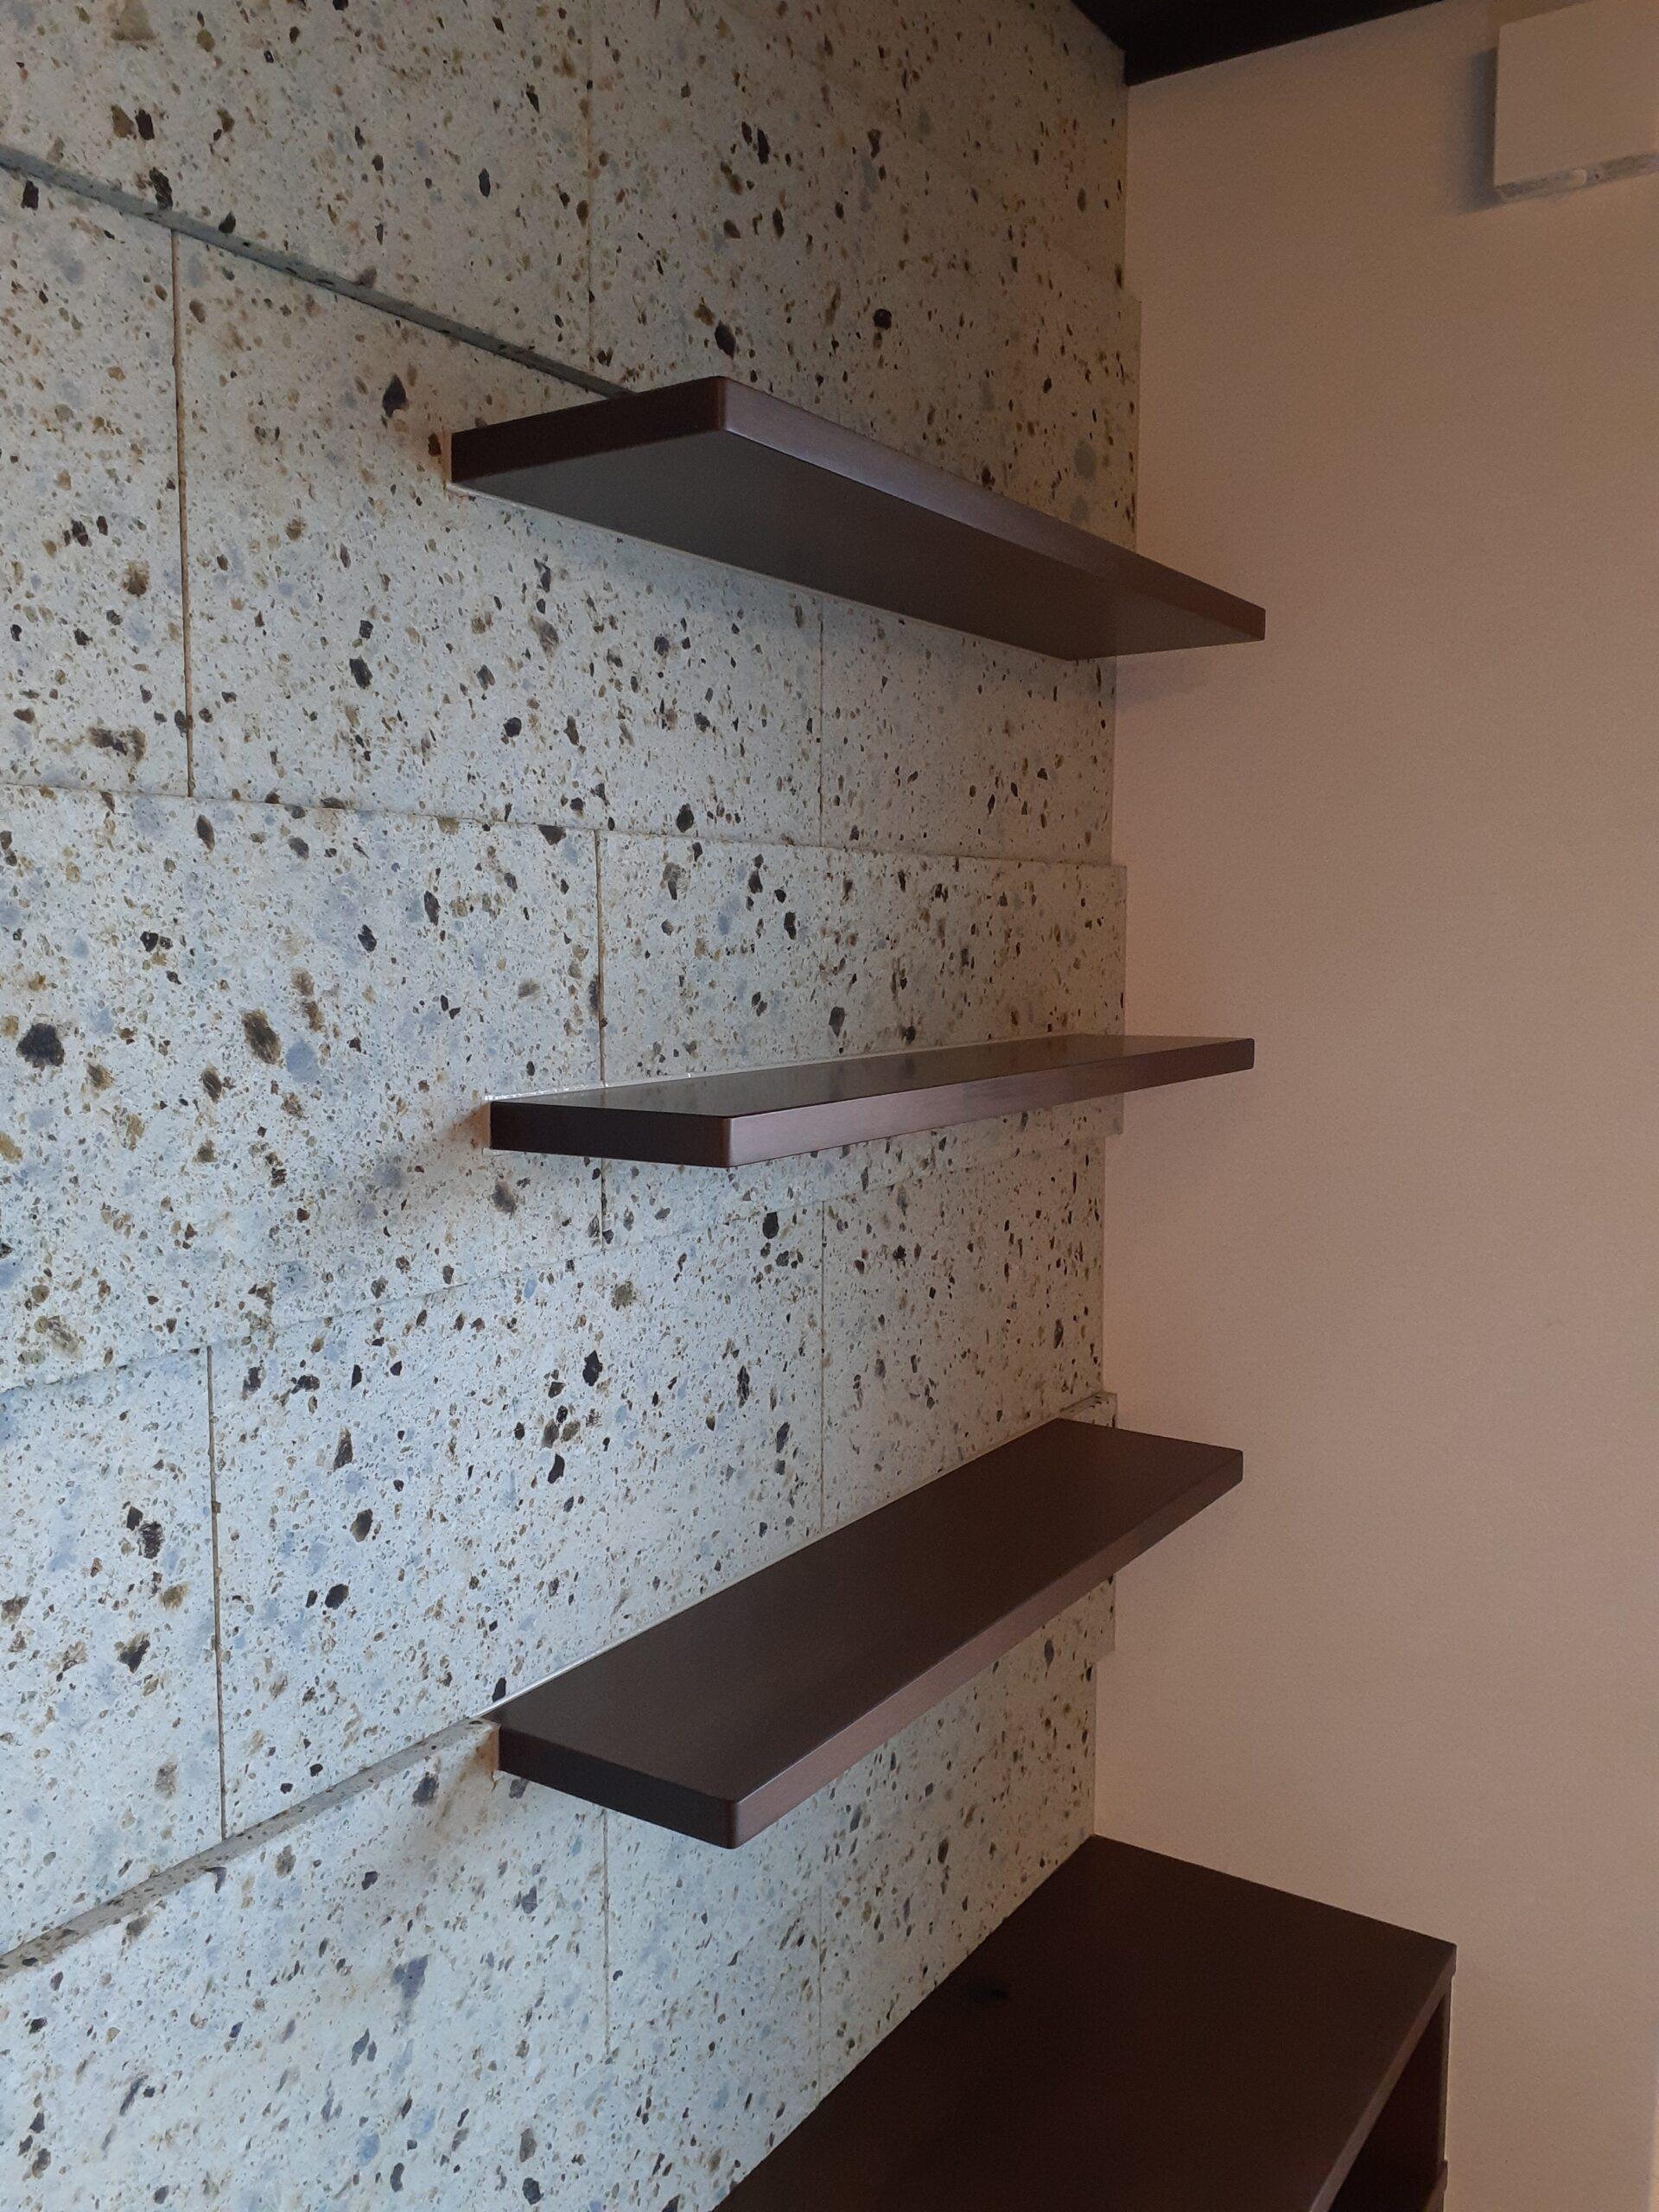 リビングはブラウン系の色合いで大谷石と調和がとれており玄関とはまた違う重厚感があります。